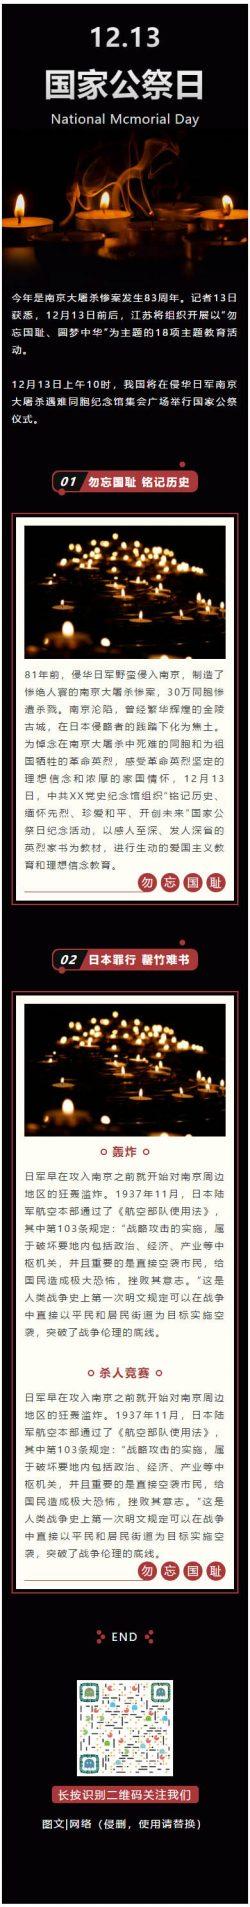 12.13国家公祭日南京大屠杀微信公众号推文素材推送图文模板